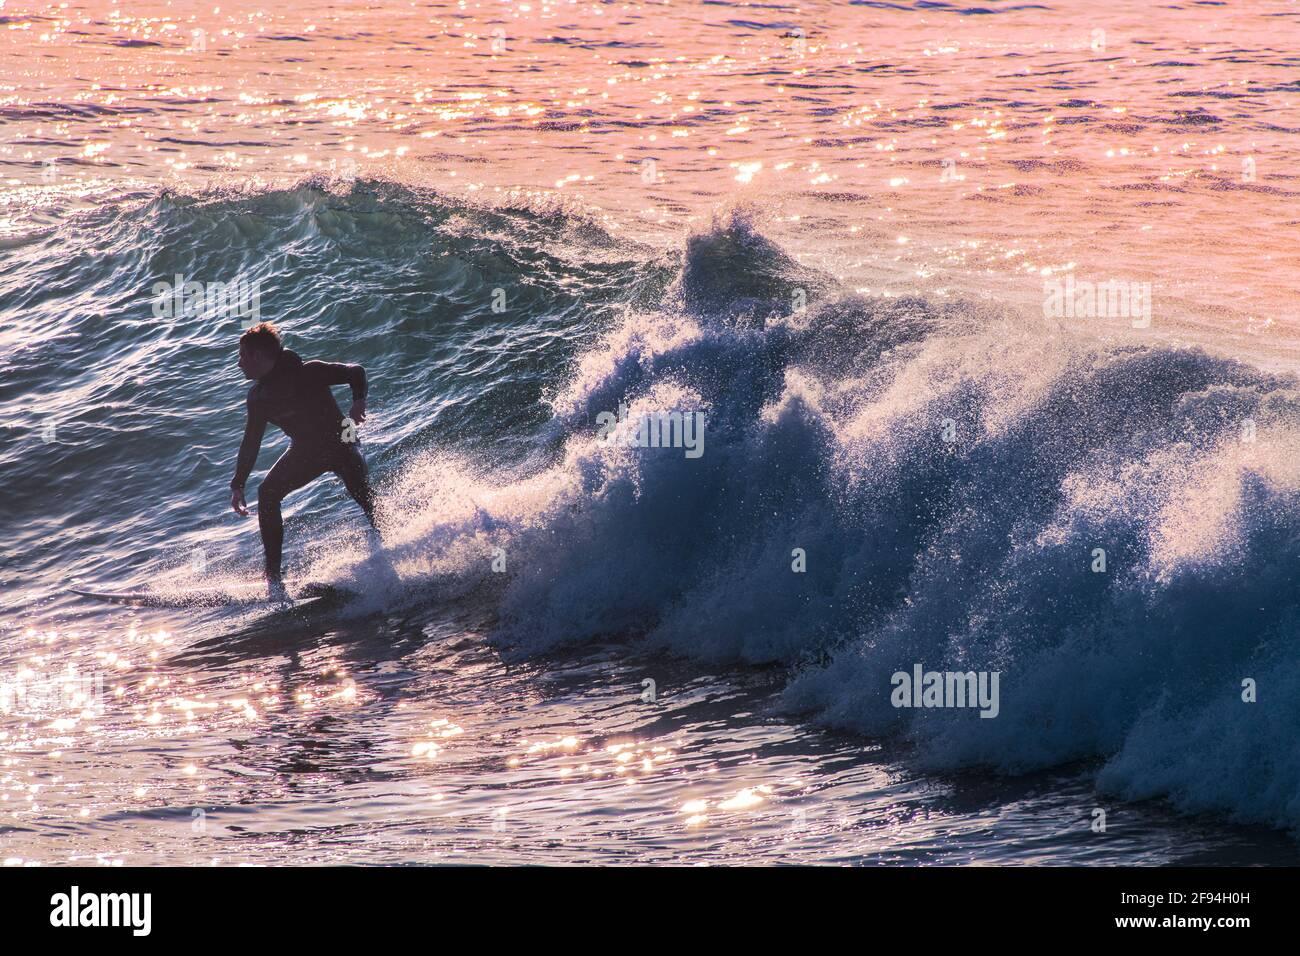 Un surfista a cavallo di un onda al Fistral a Newquay in Cornovaglia. Foto Stock